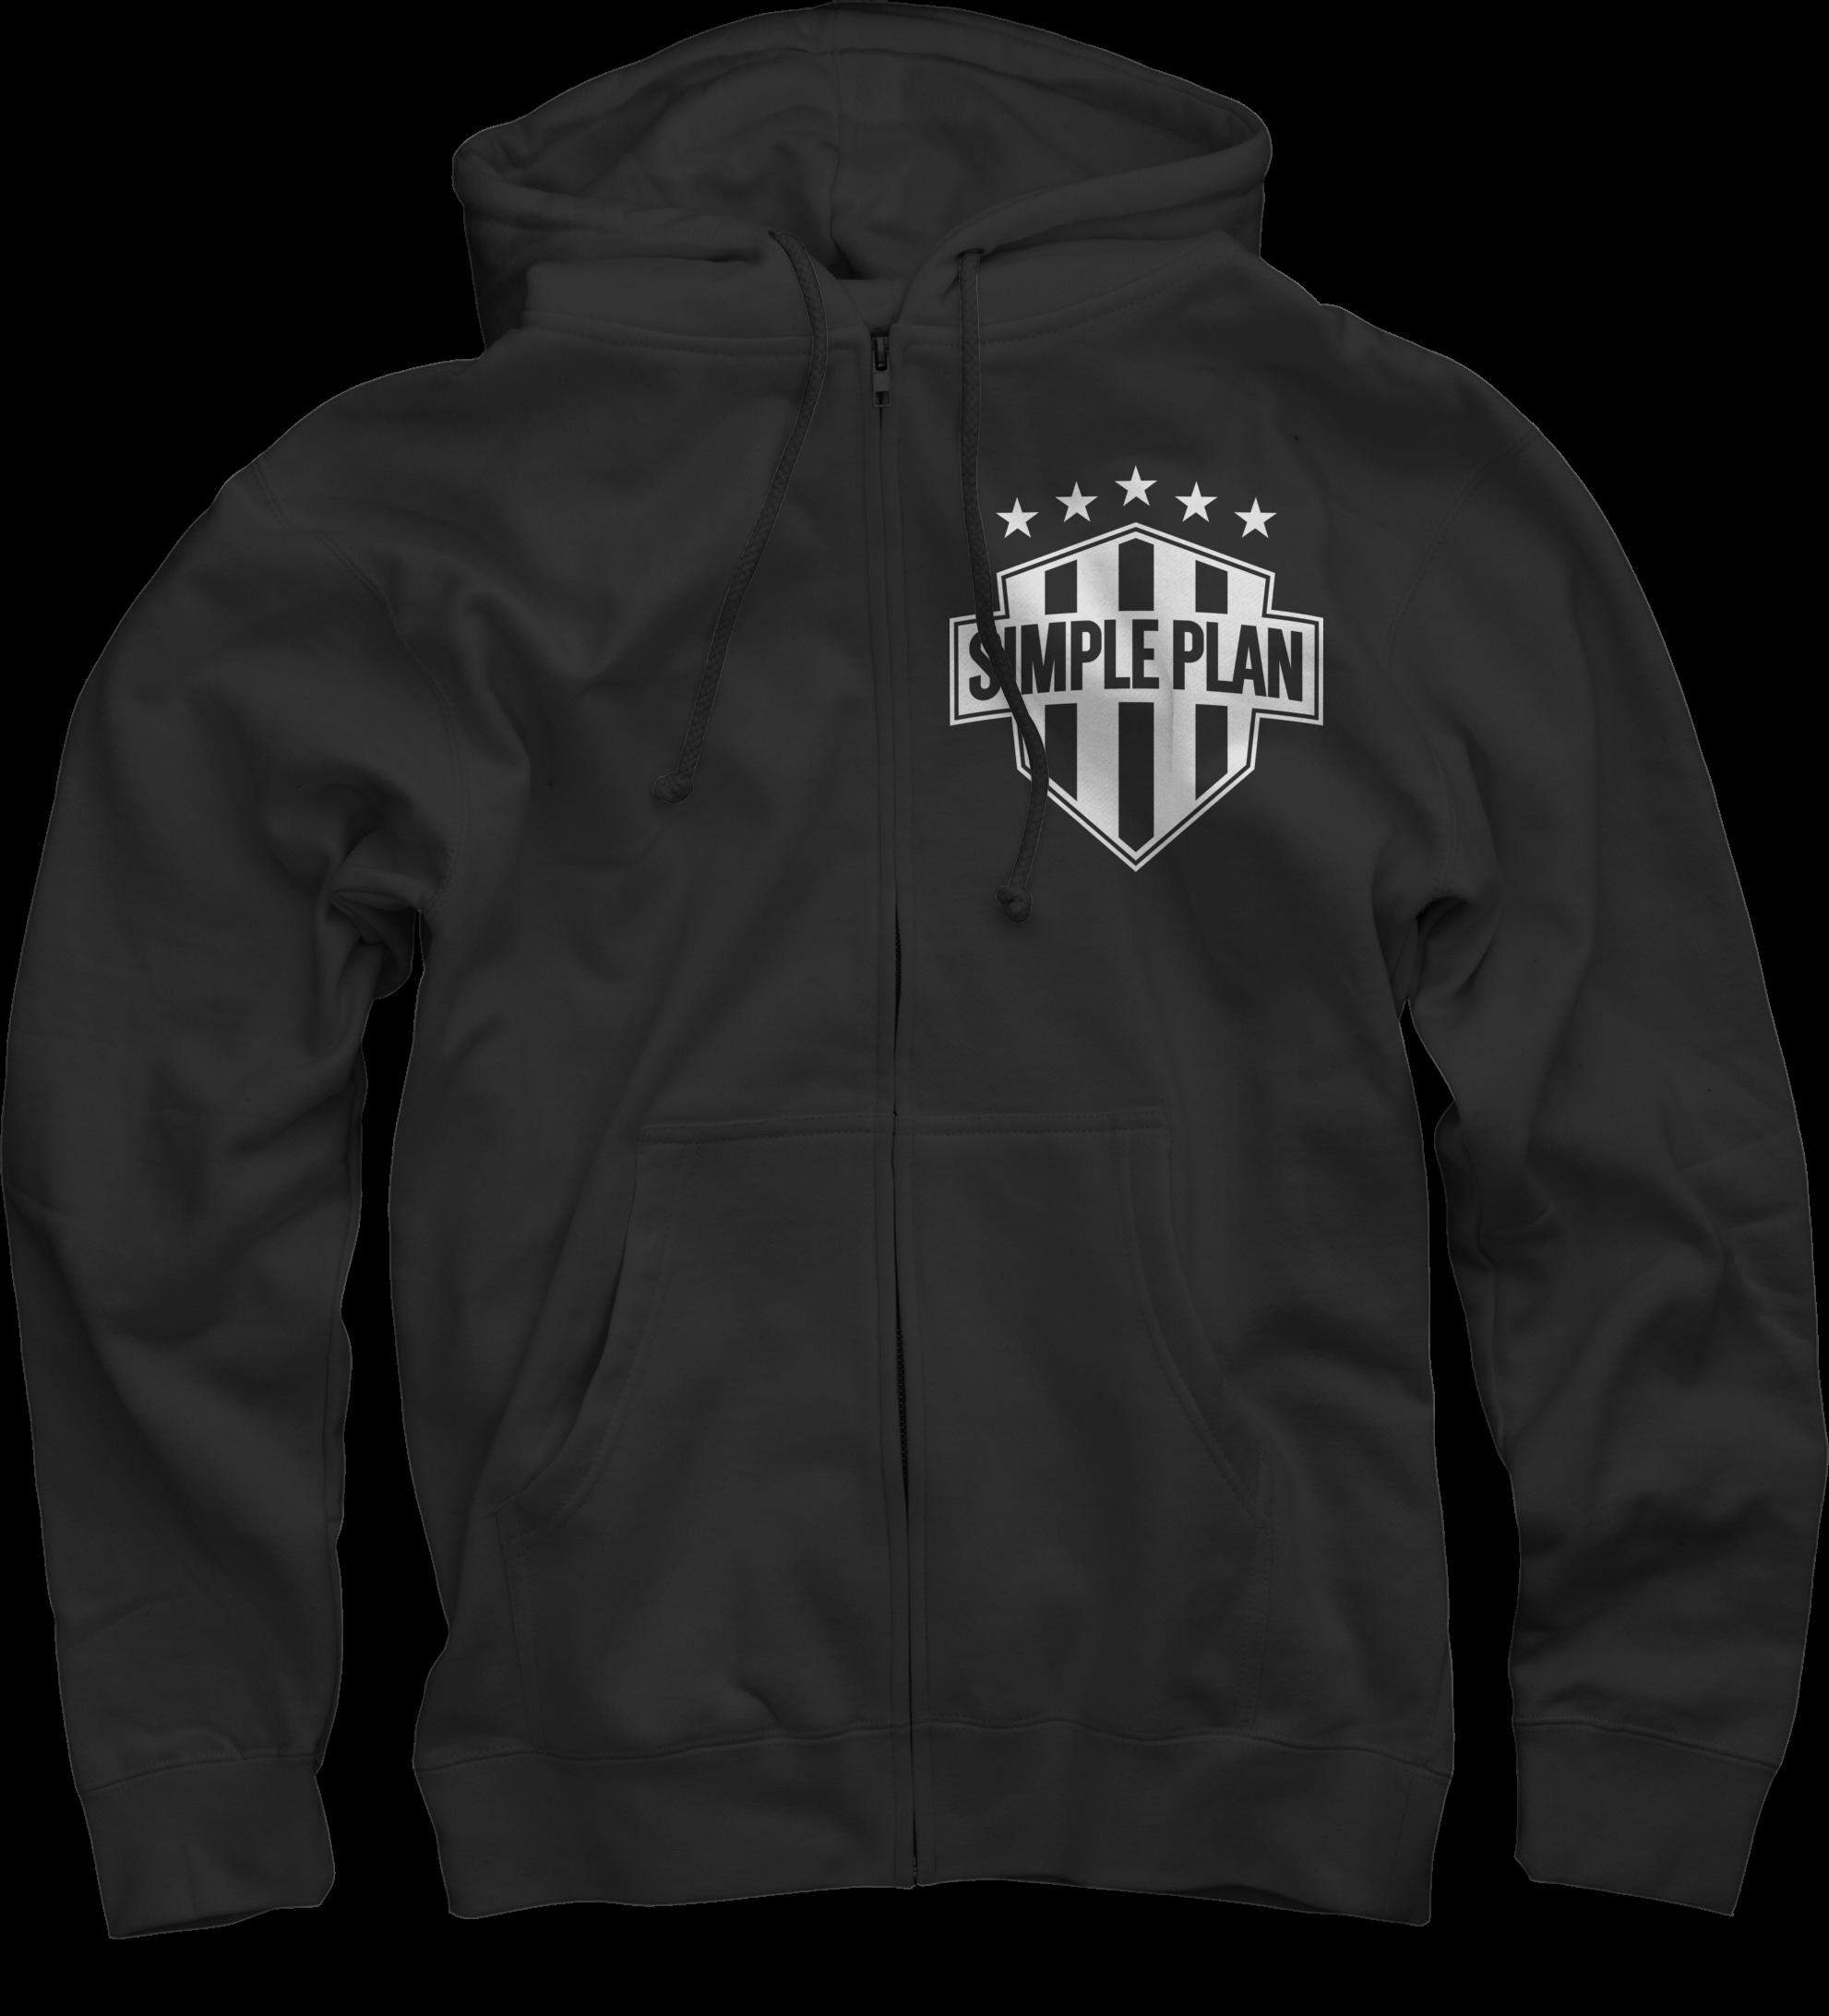 Team SP Zip-up Sweatshirt